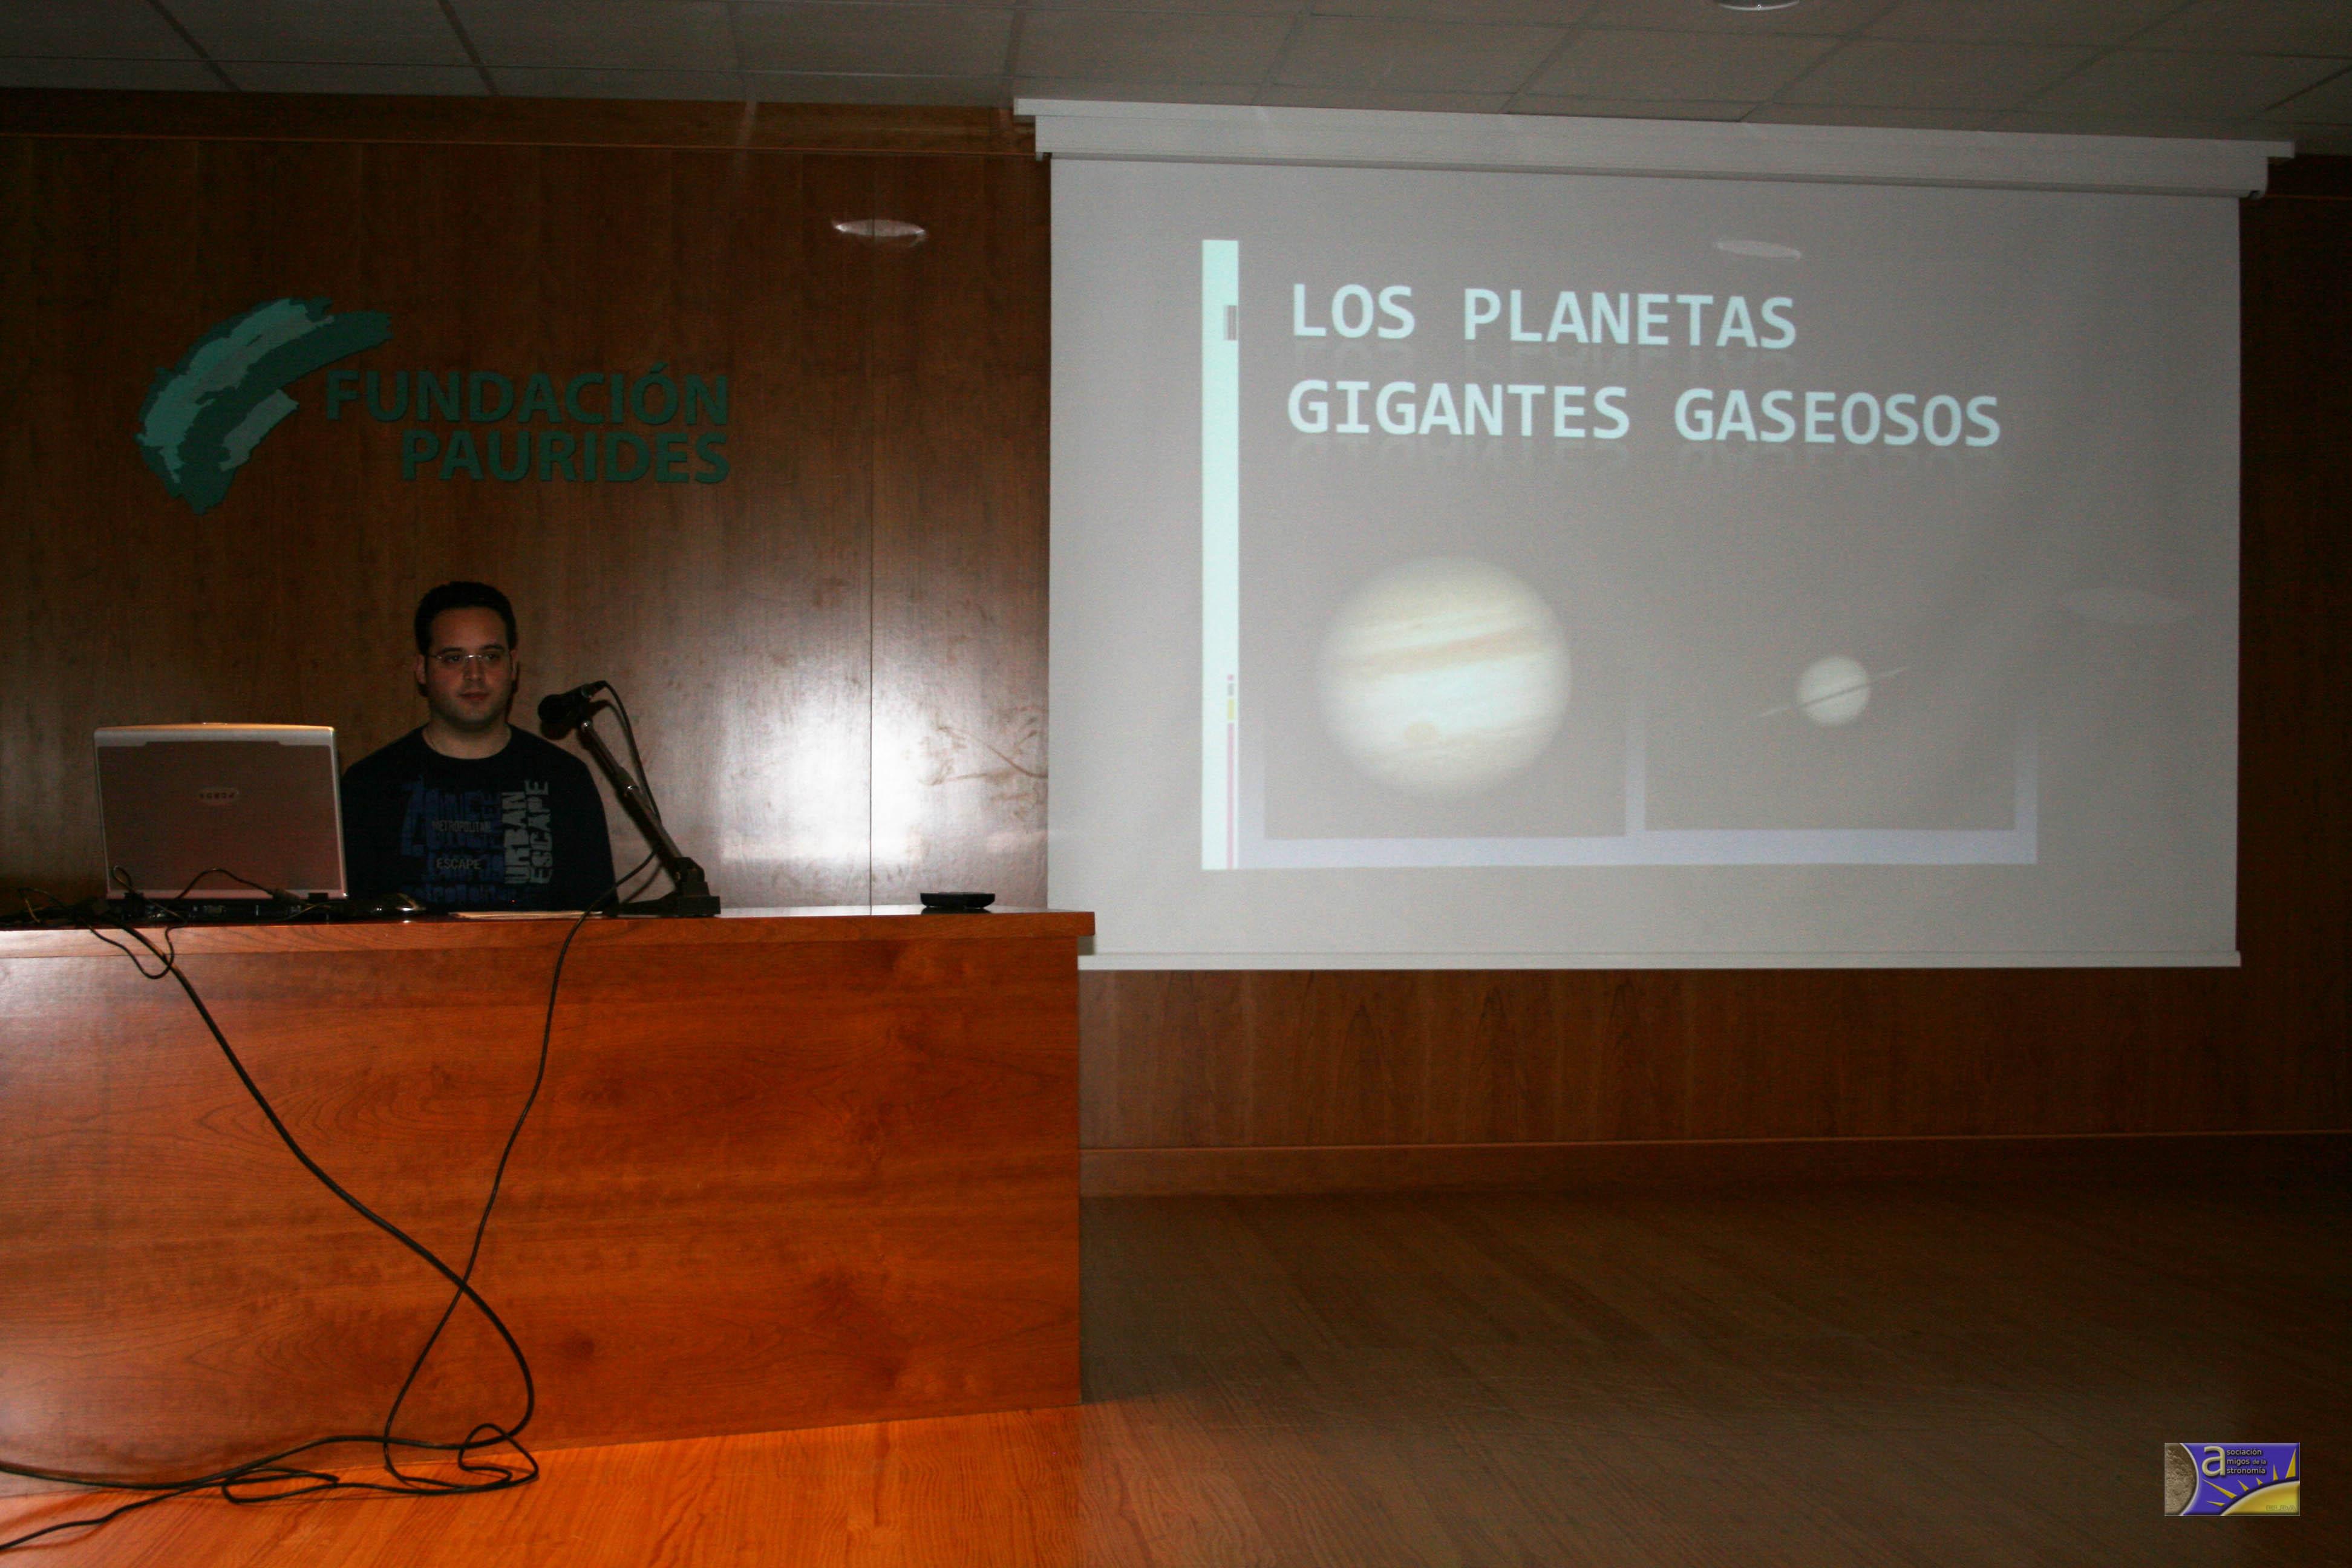 Los planetas gigantes gaseosos del Sistema Solar